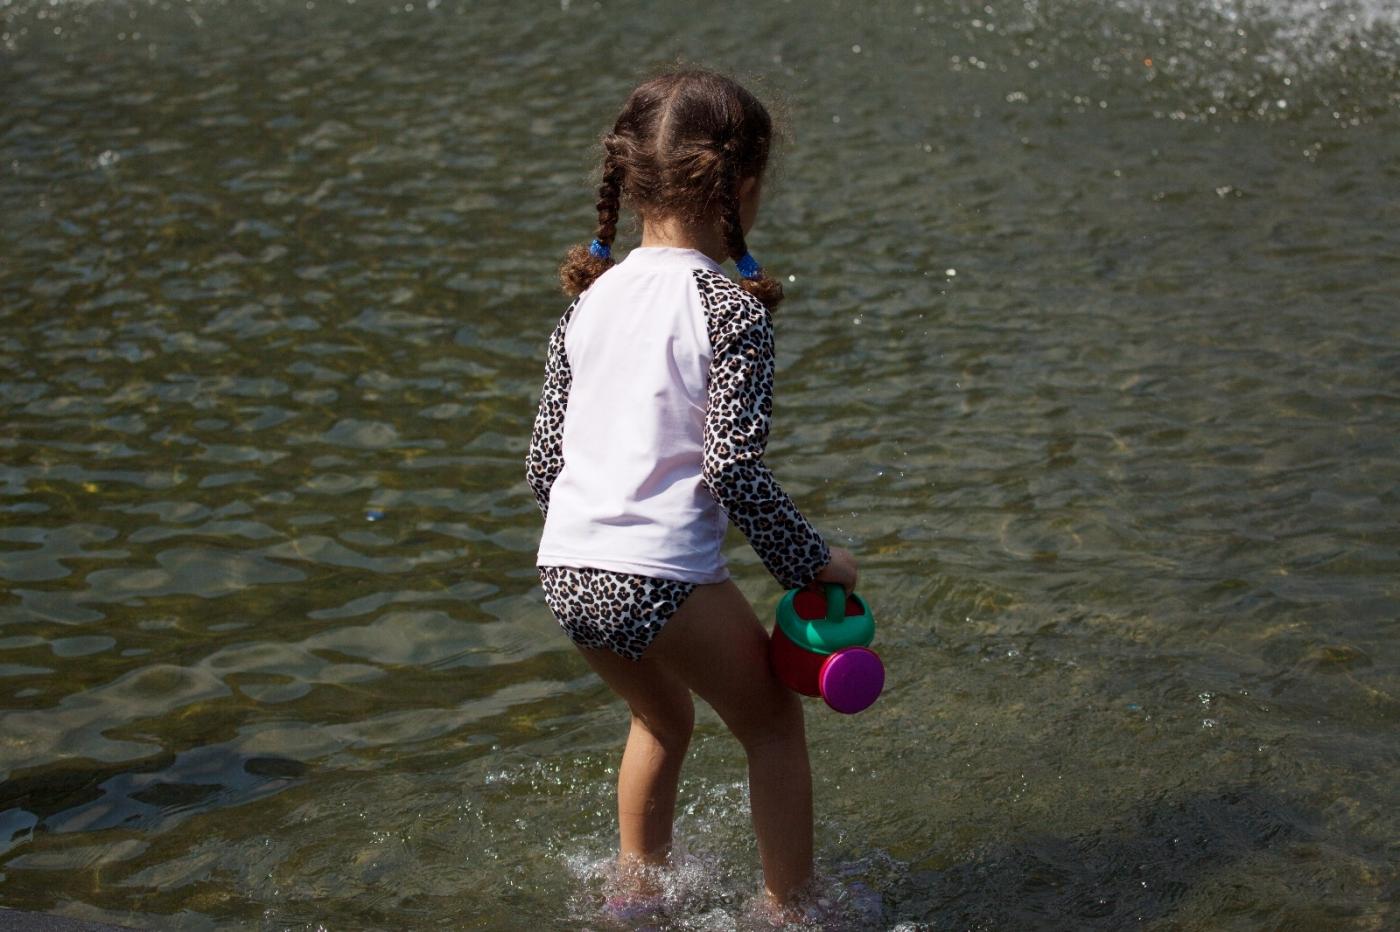 在喷水池中戏水的小孩,天真活泼(摄于纽约华盛顿广场喷水池) ... ... ..._图1-3